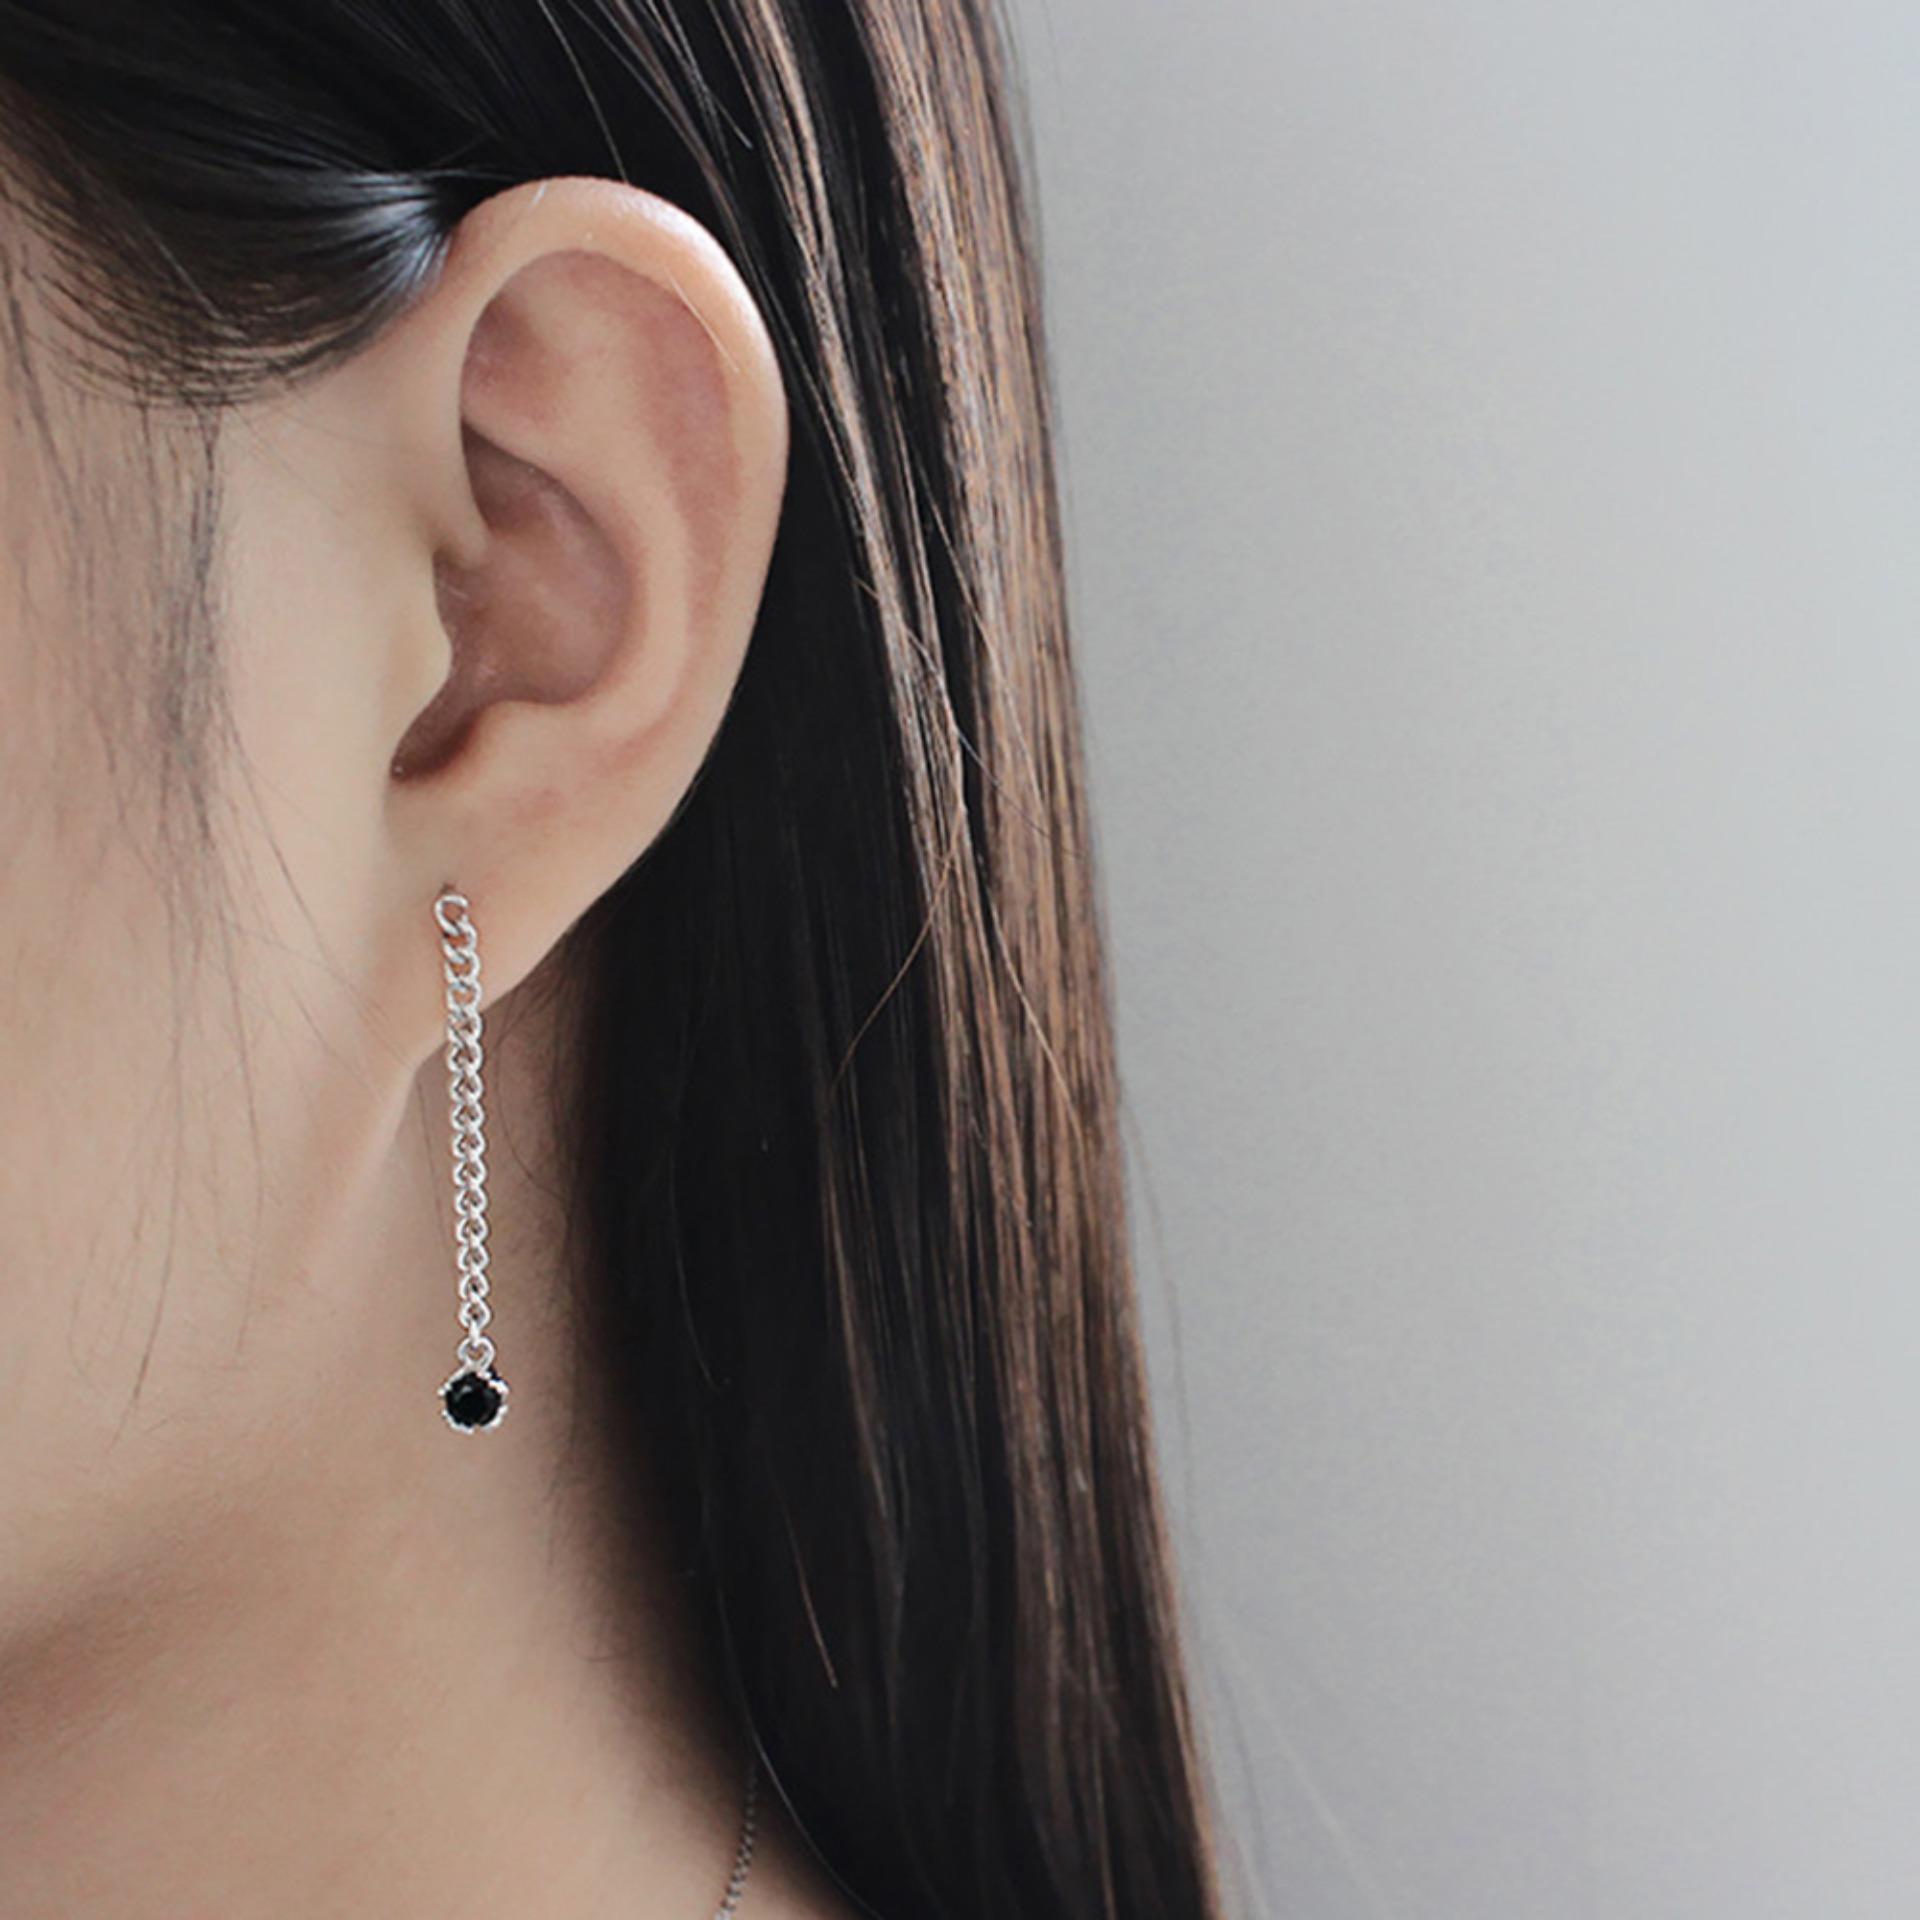 Bong Tai Nữ Jk Silver Korea Design Bạc Thật 925 Mạ Bạch Kim Kiểu Dang Trendy Trẻ Trung Jk Silver Chiết Khấu 40